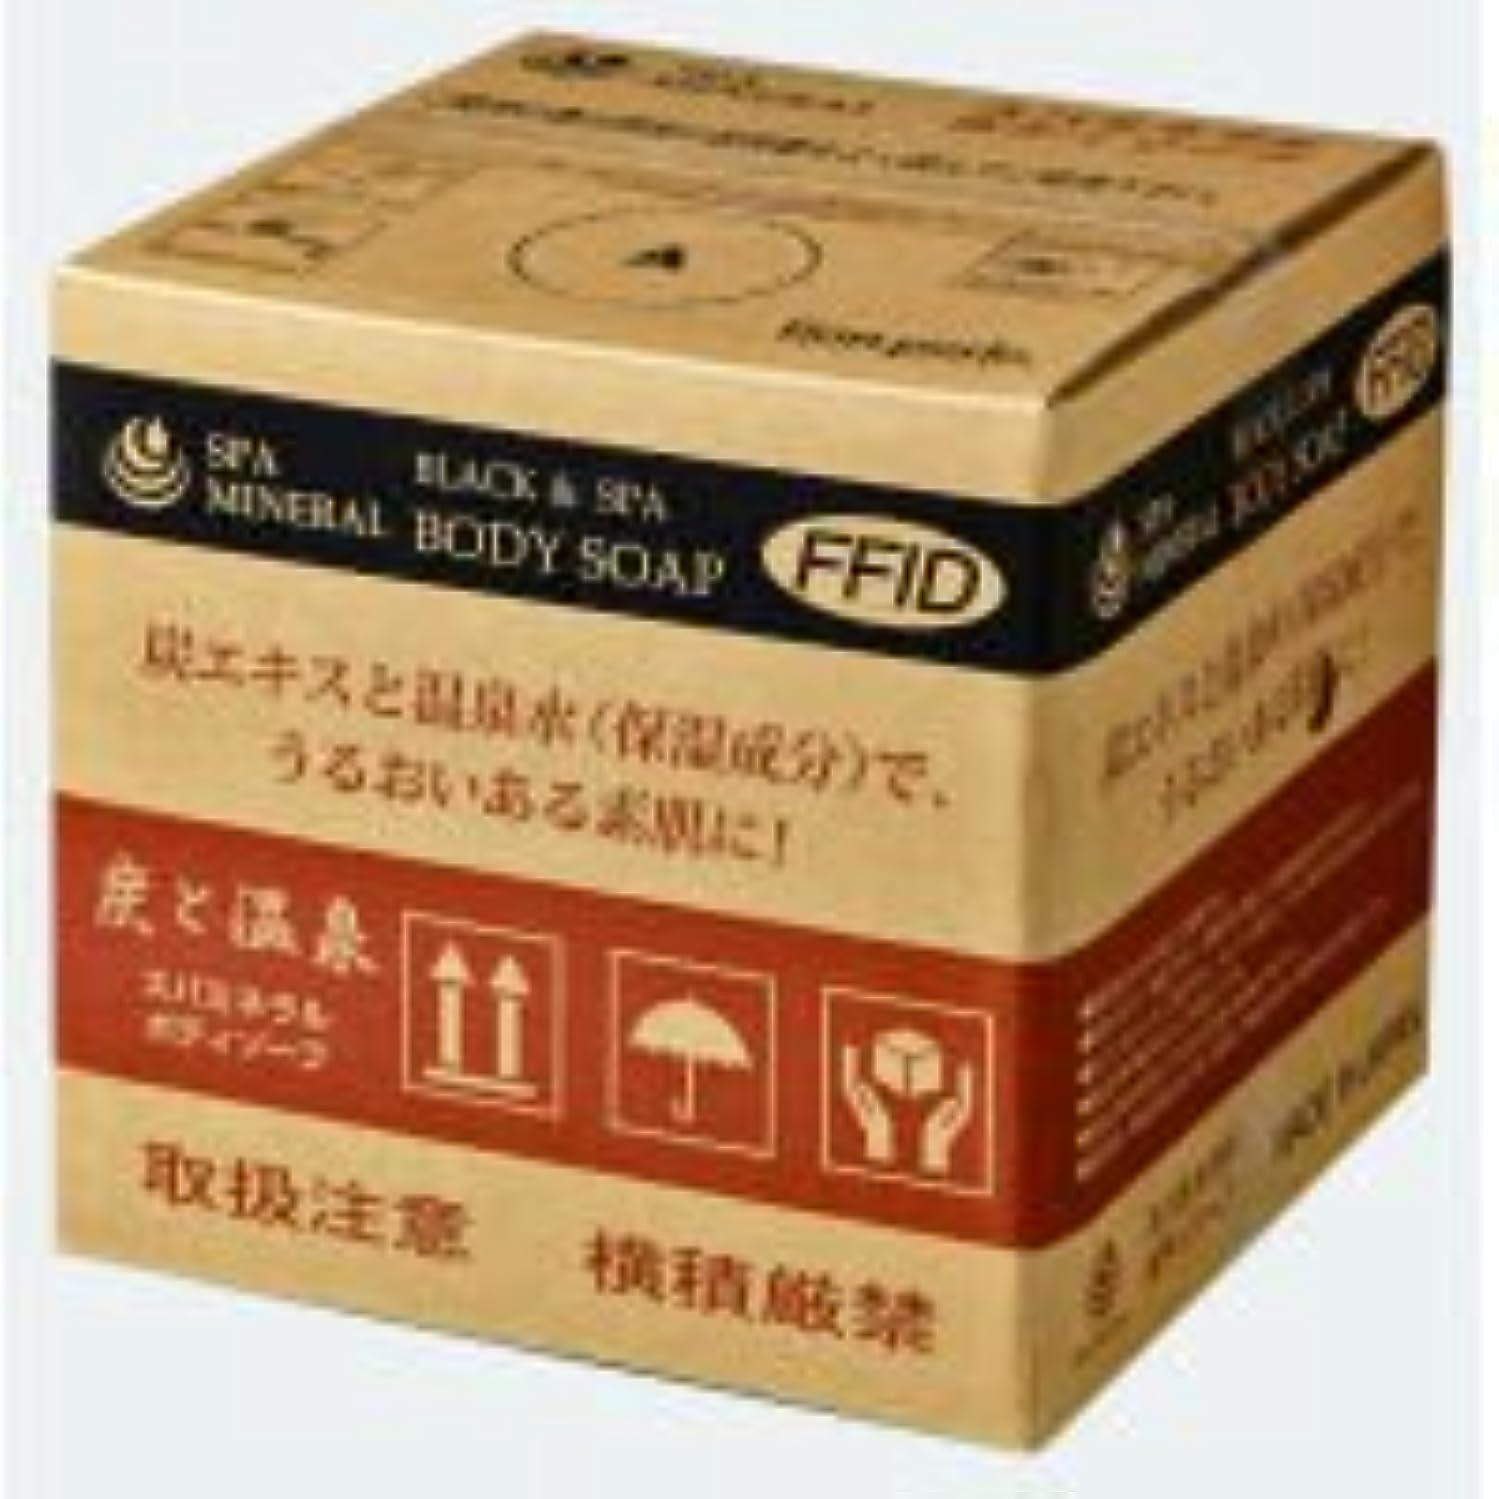 大気日食請求スパミネラル 炭ボディソープ 20kg 詰替用